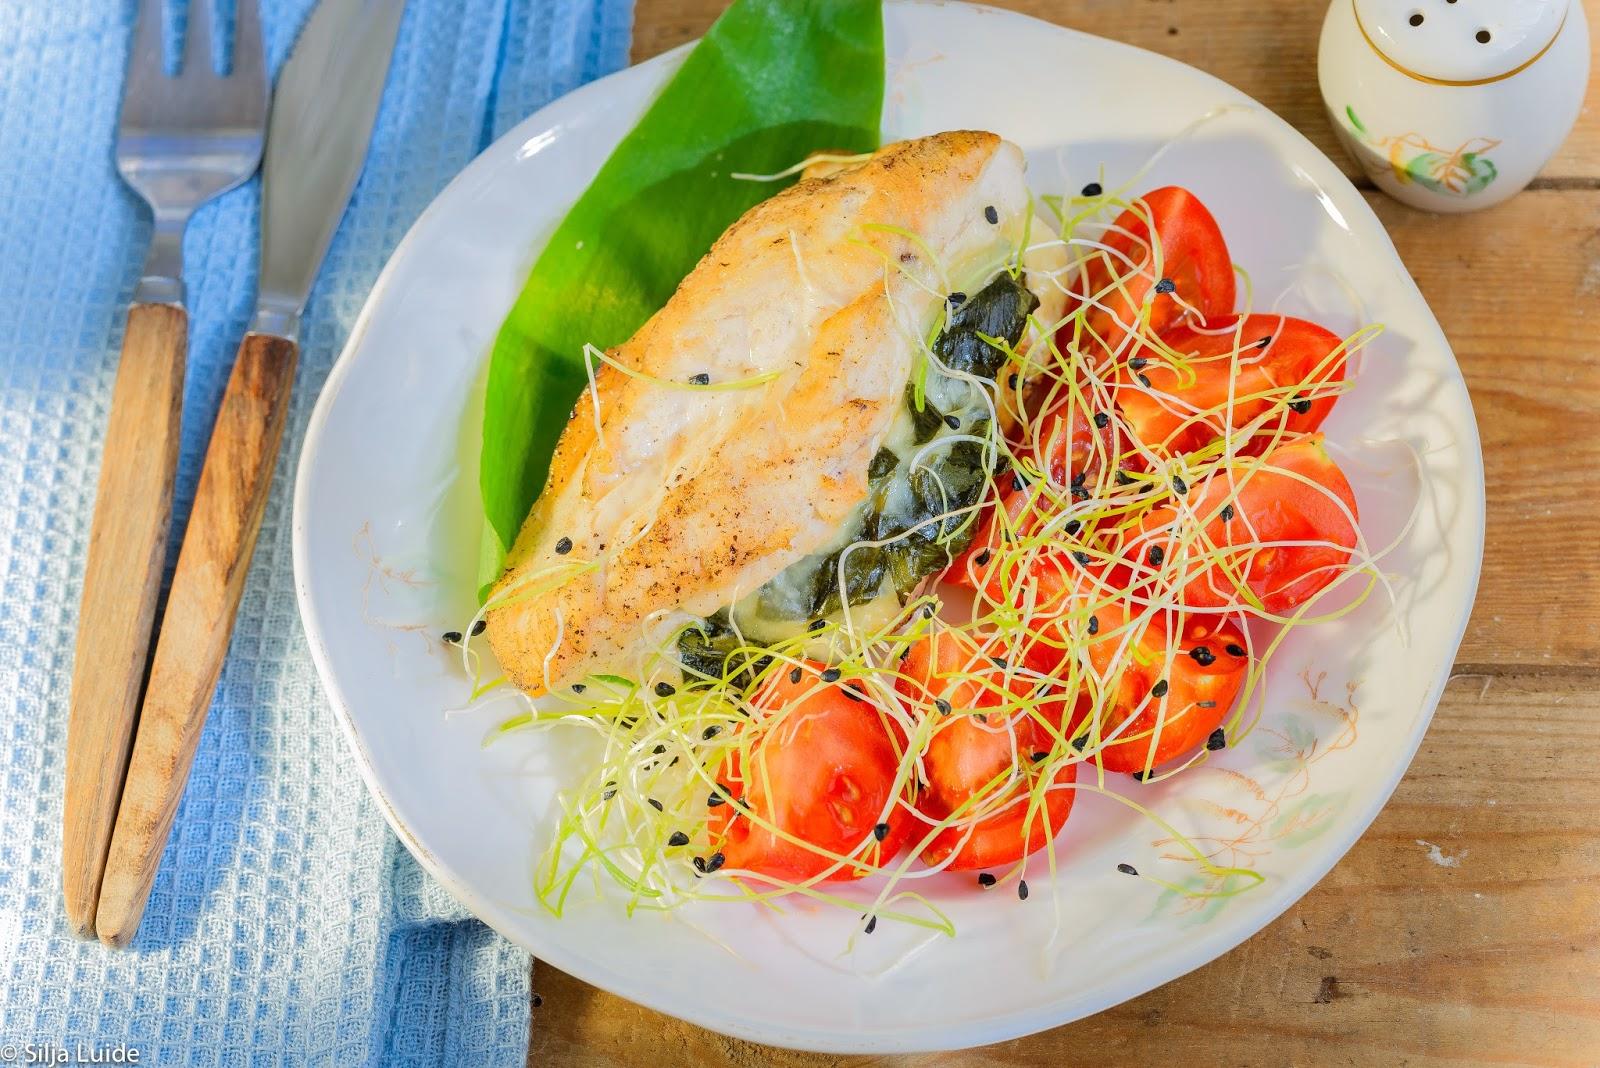 b099d1d6dad Patuselt hea juustukook Domino küpsistega, mis valmib 13.